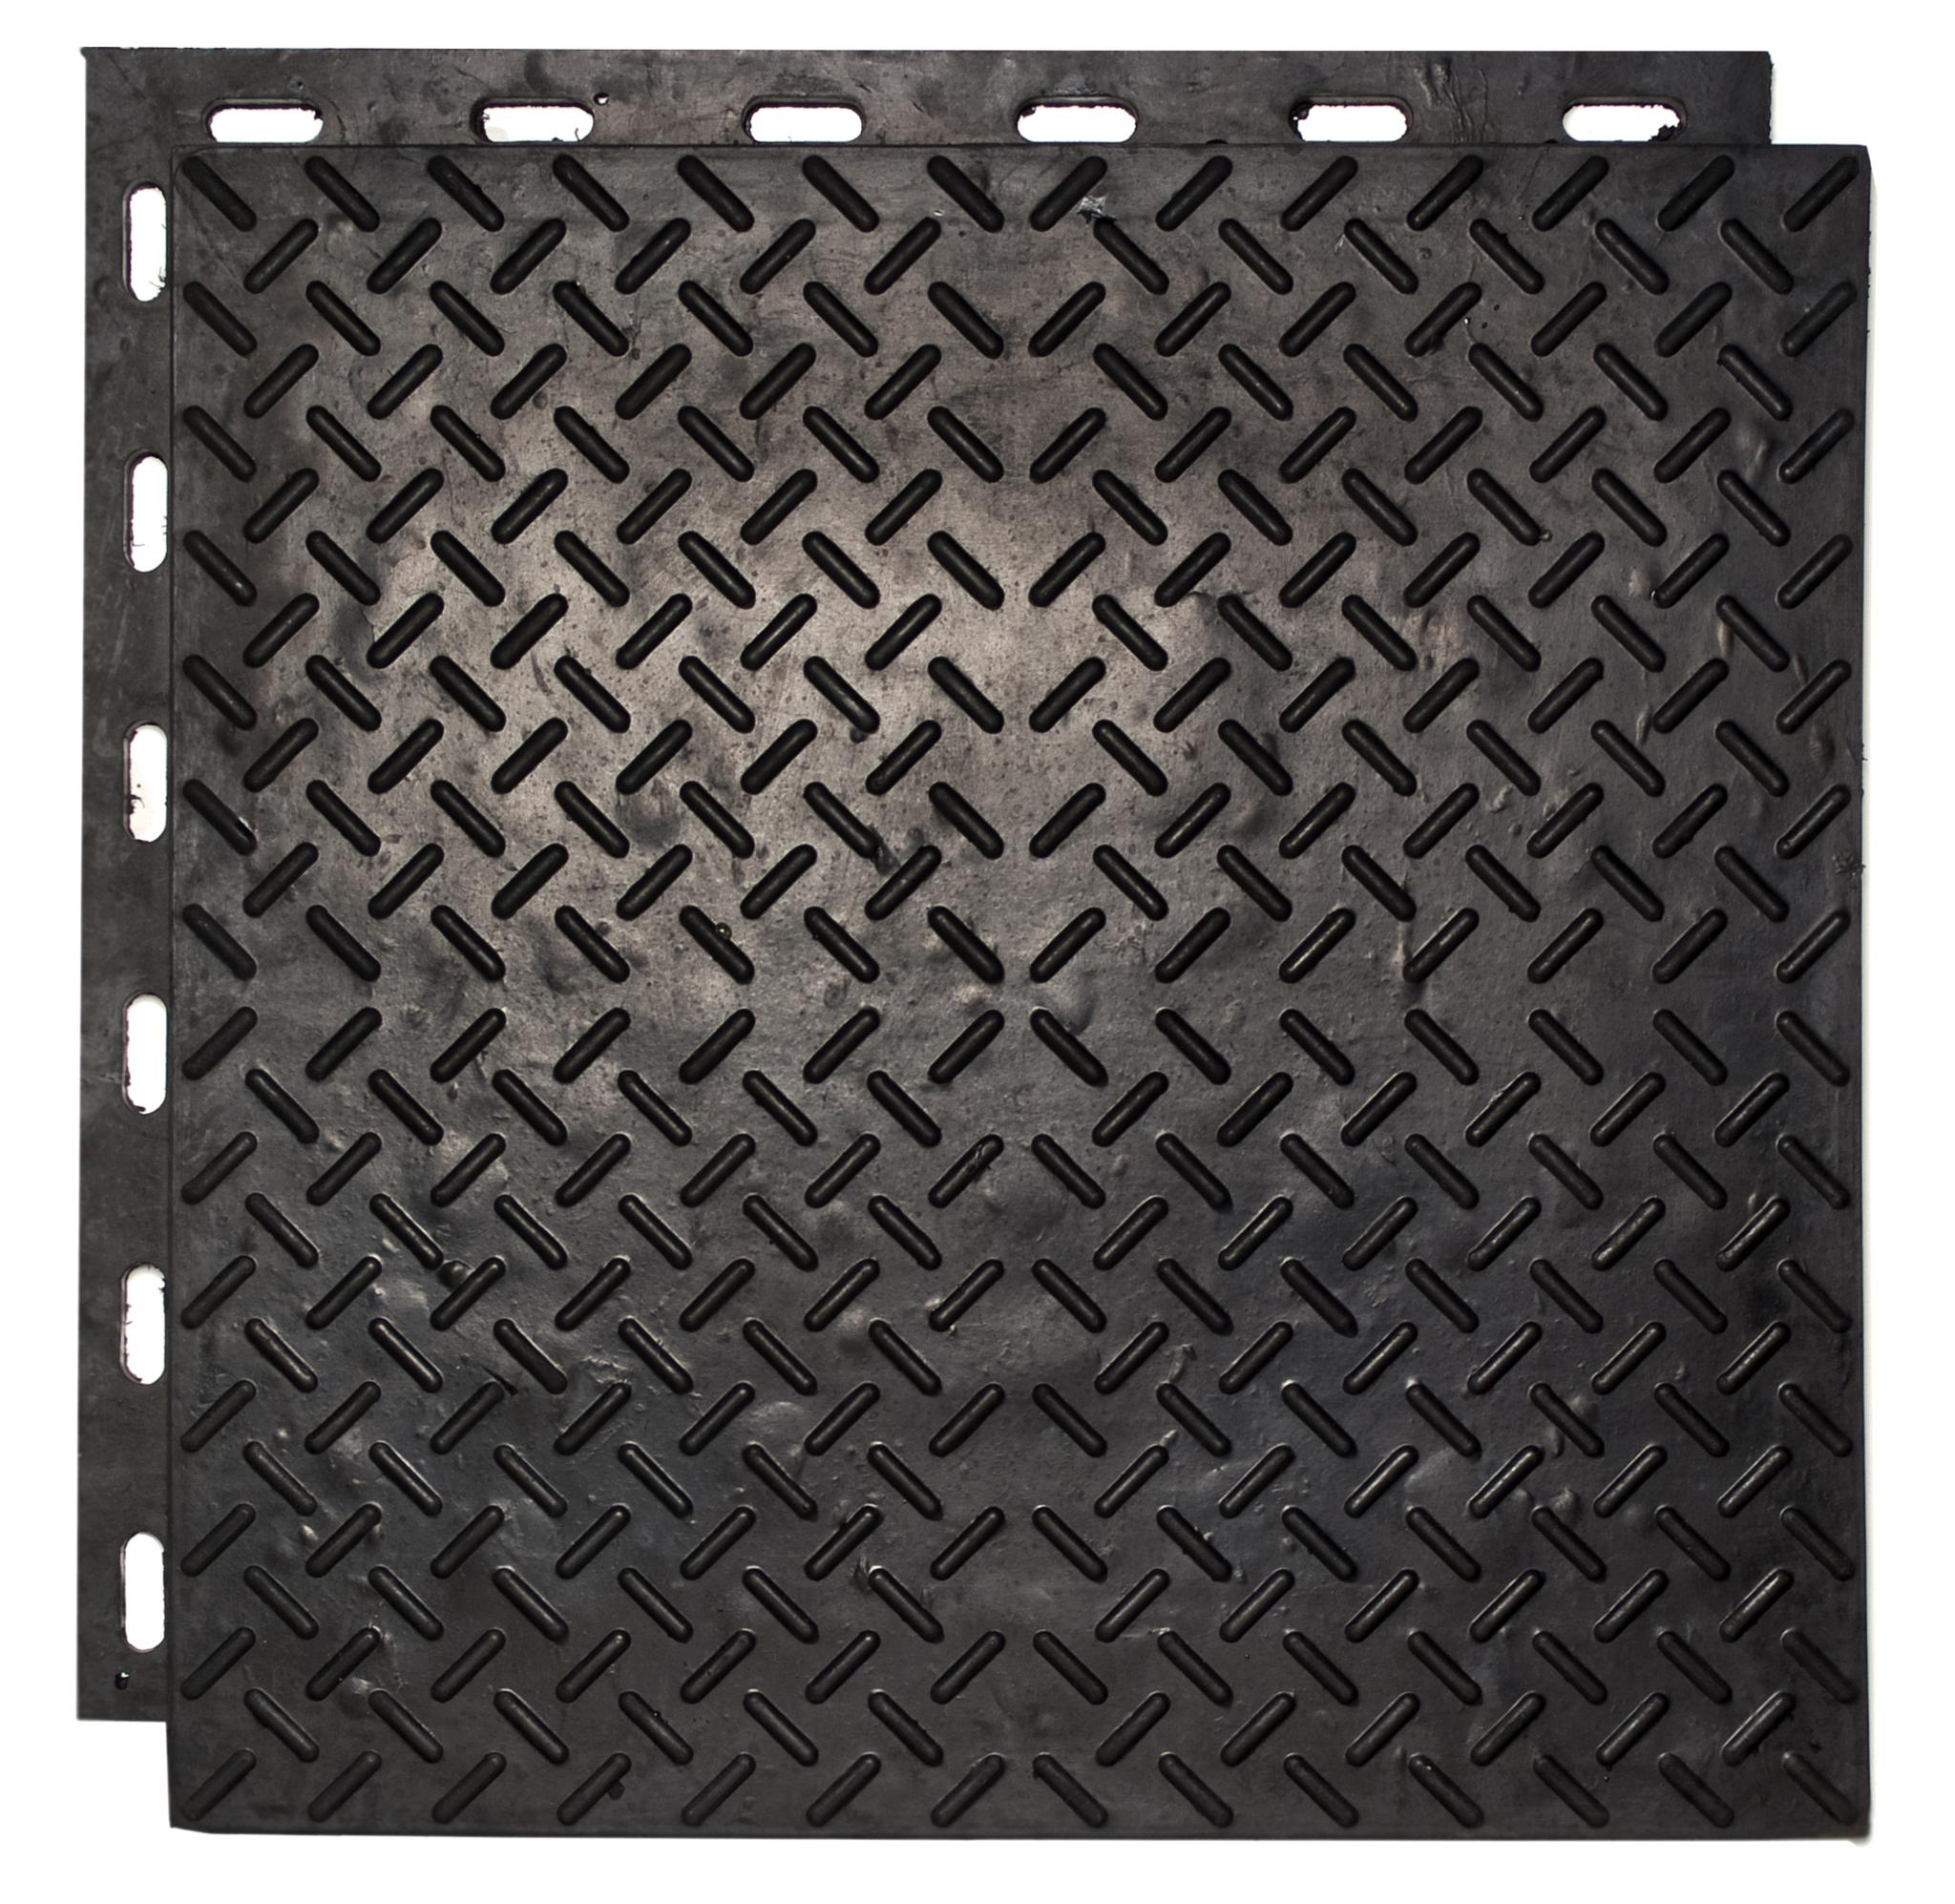 Резина Трансформер 16мм, 500х500мм (9005)